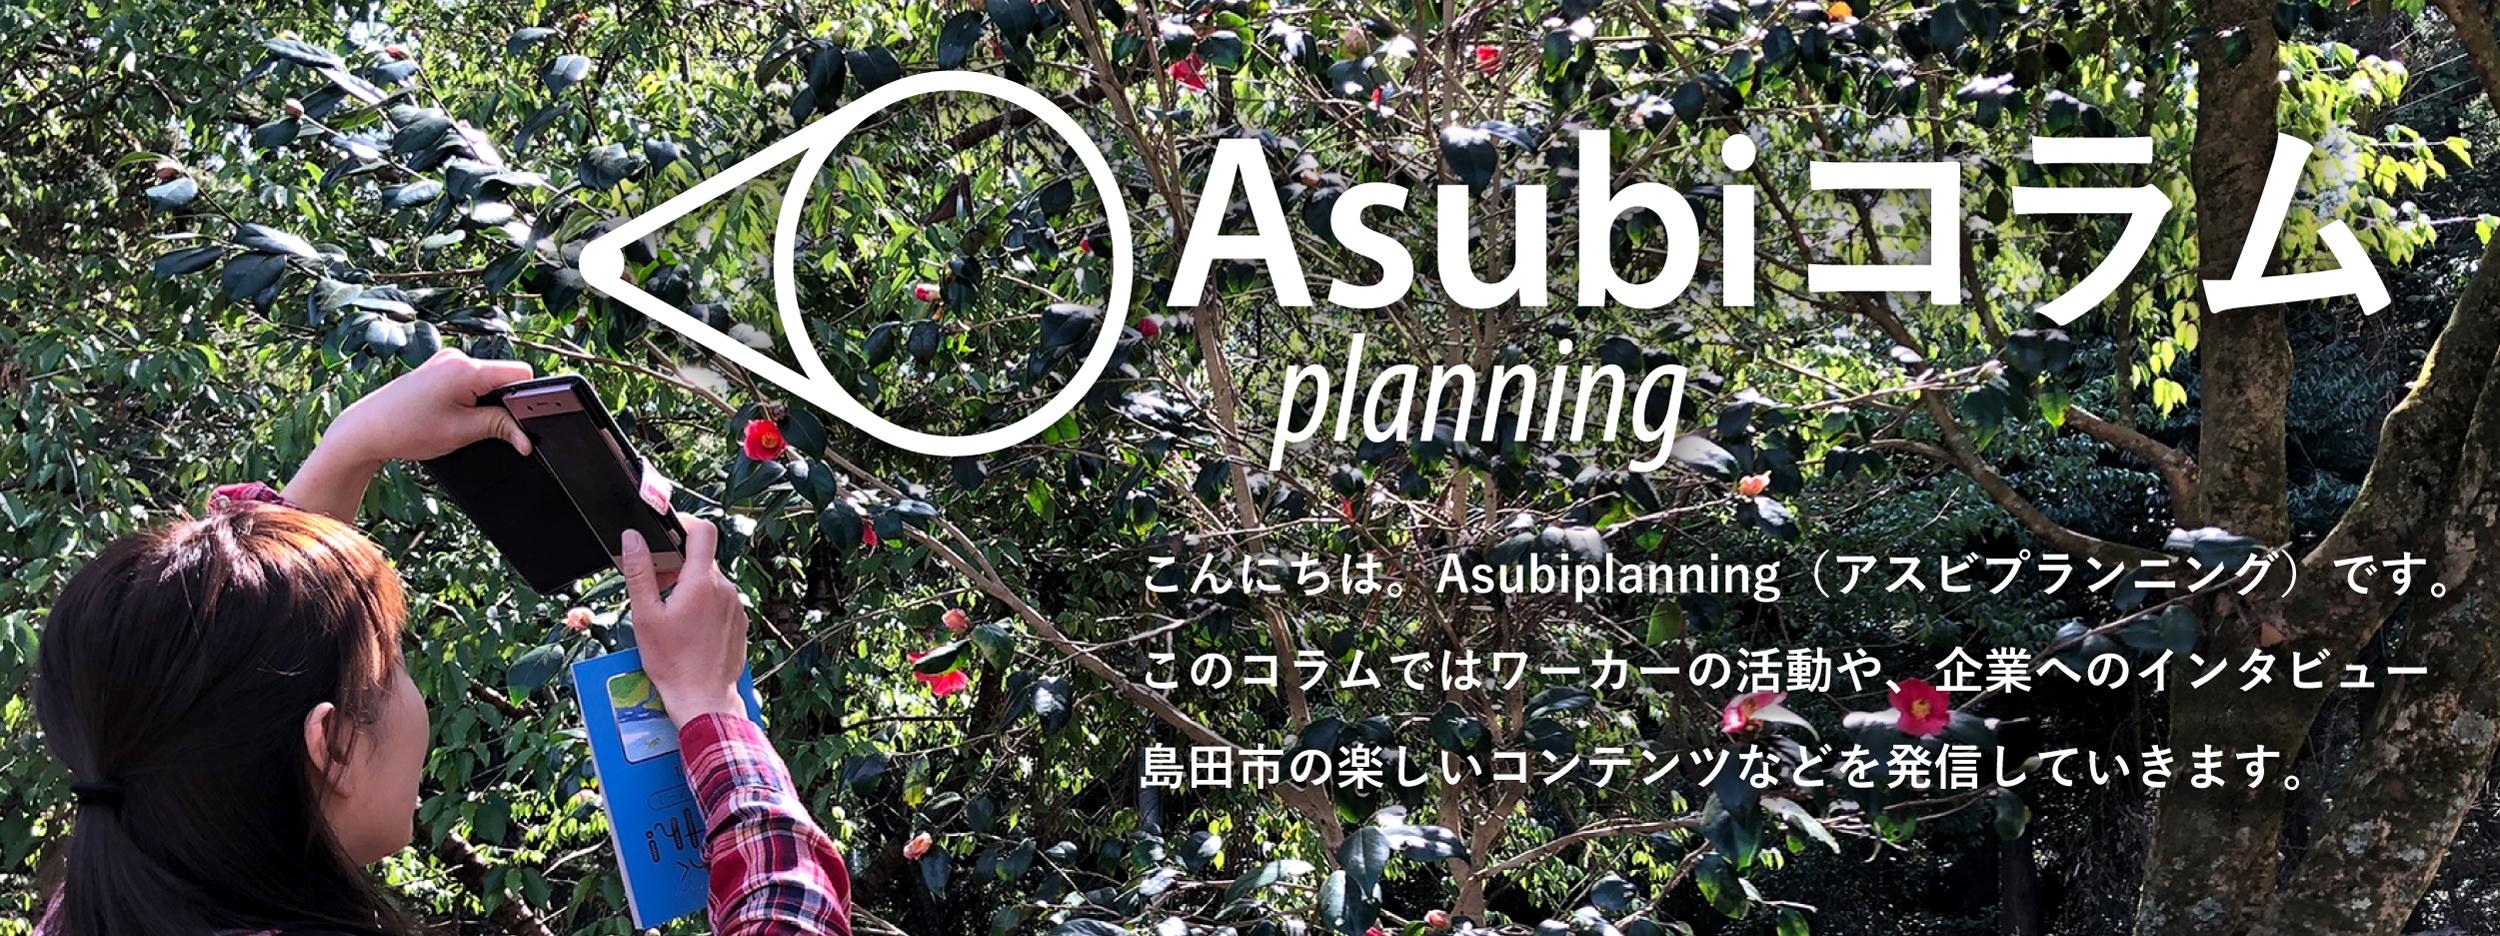 明日に備えて、楽しく暮らすアイデアを。Asubiplanning